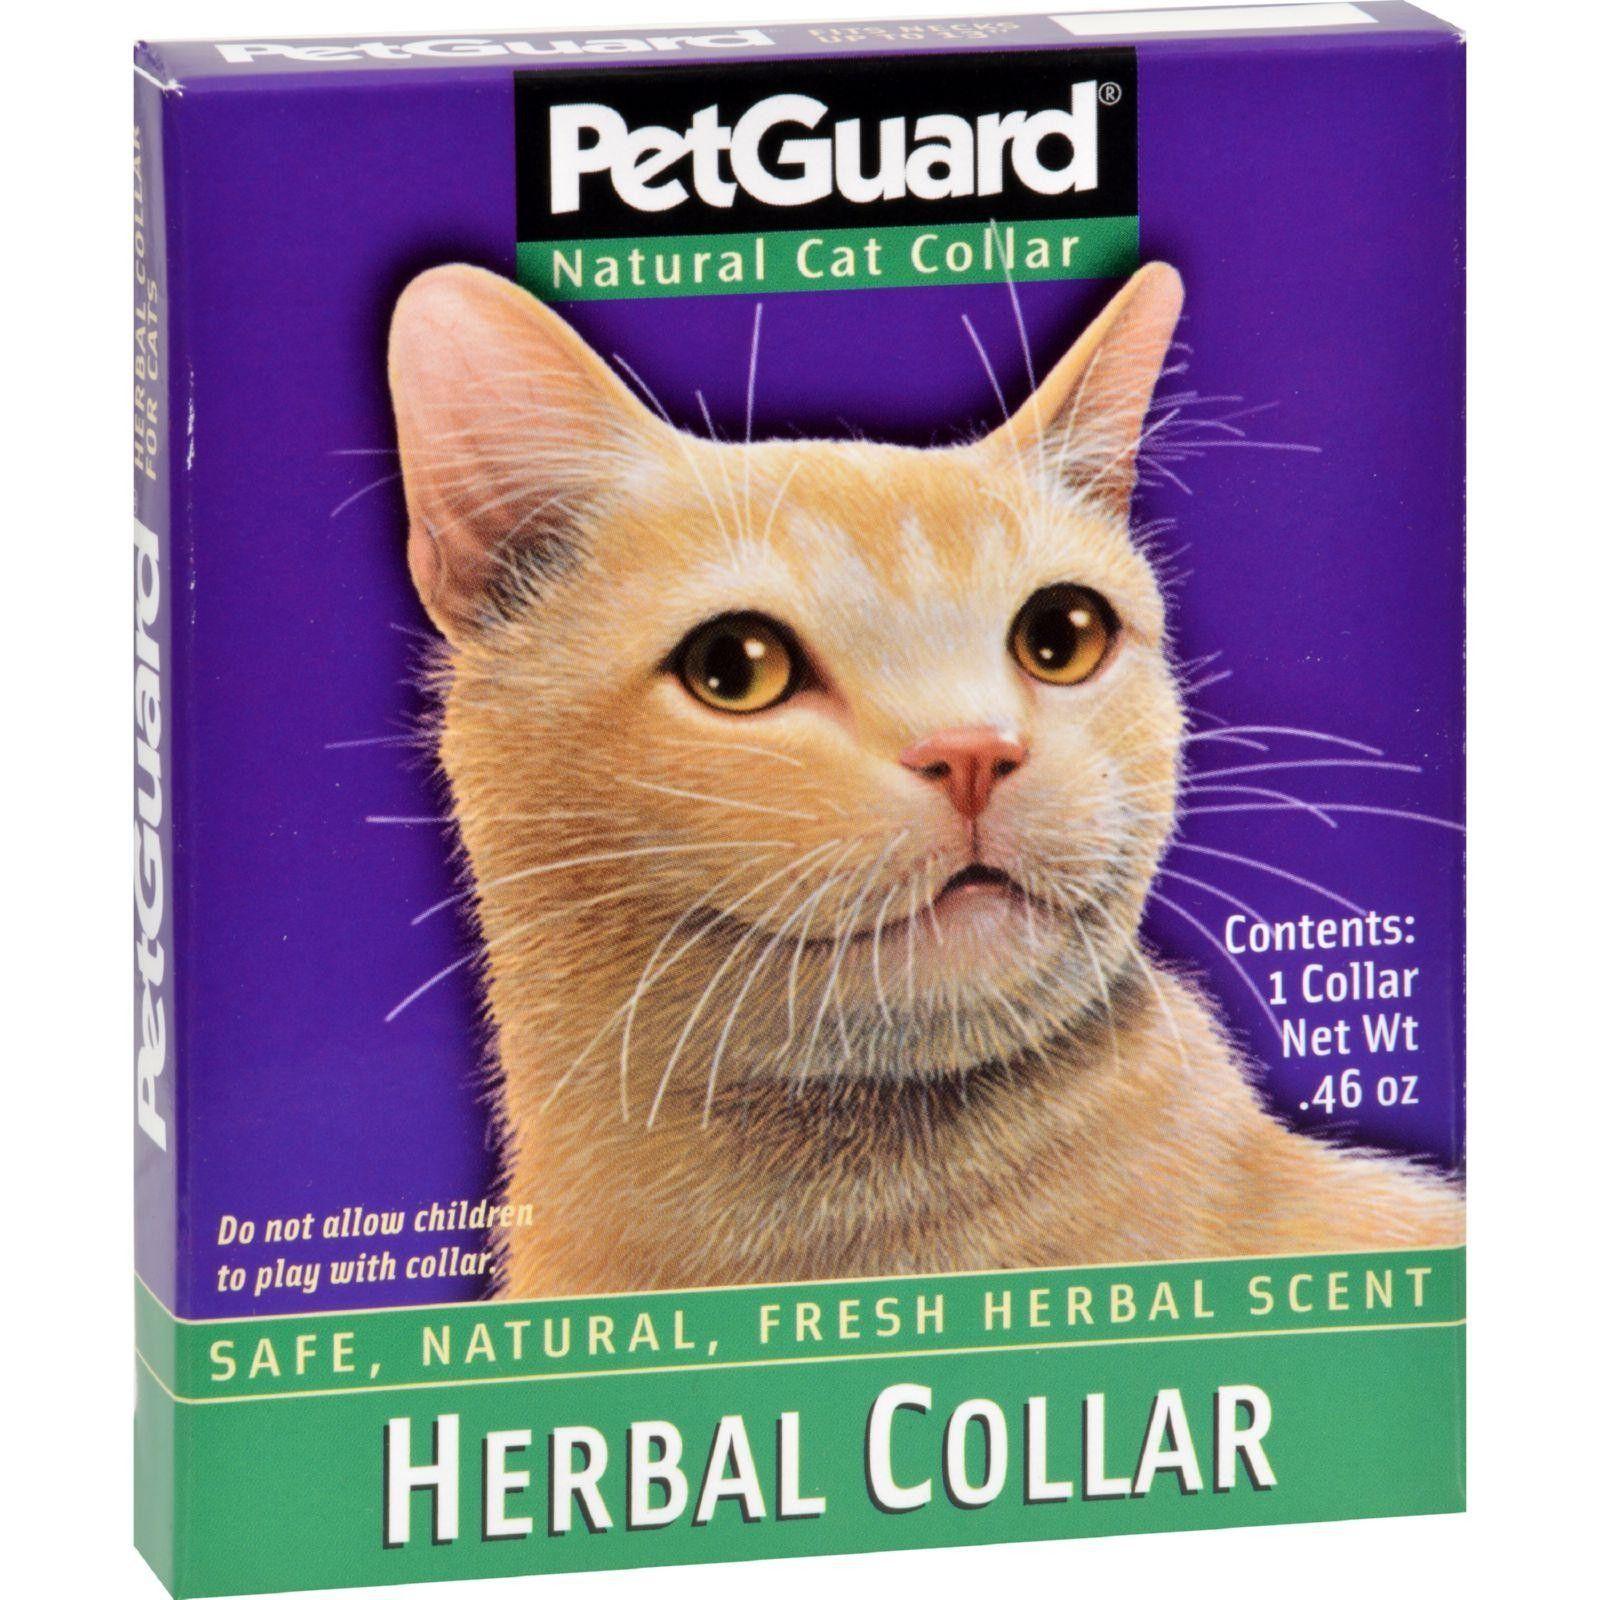 Petguard Herbal Collar For Cats 1 Collar Cat Fleas Cat Collars Cat Pet Supplies